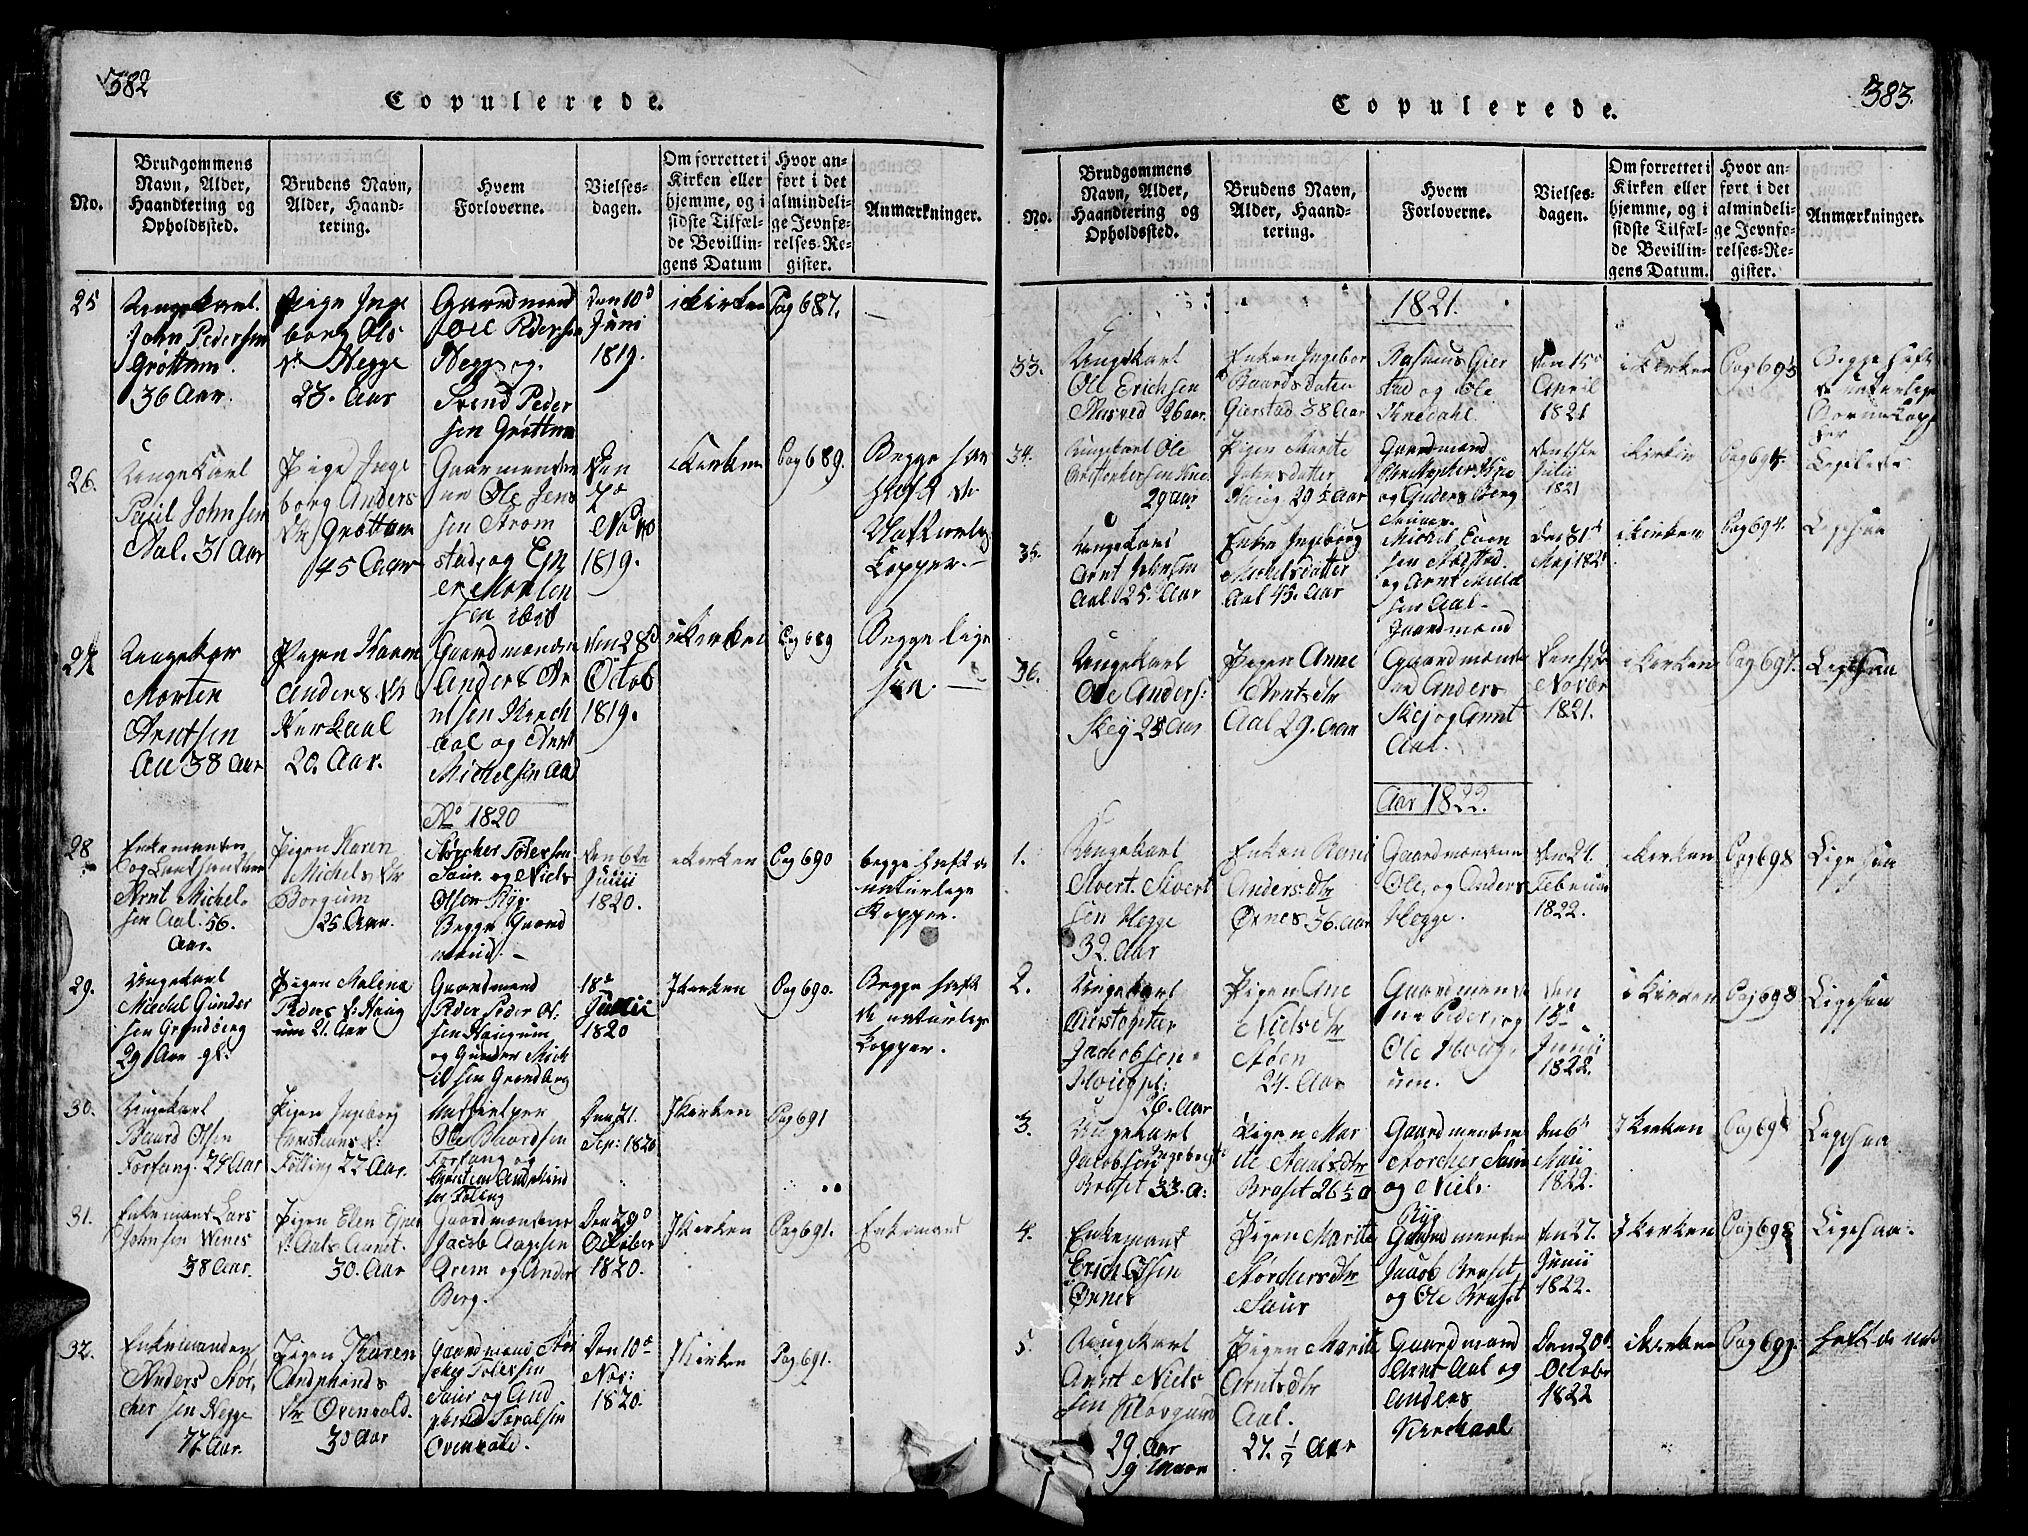 SAT, Ministerialprotokoller, klokkerbøker og fødselsregistre - Nord-Trøndelag, 747/L0459: Klokkerbok nr. 747C01, 1816-1842, s. 382-383